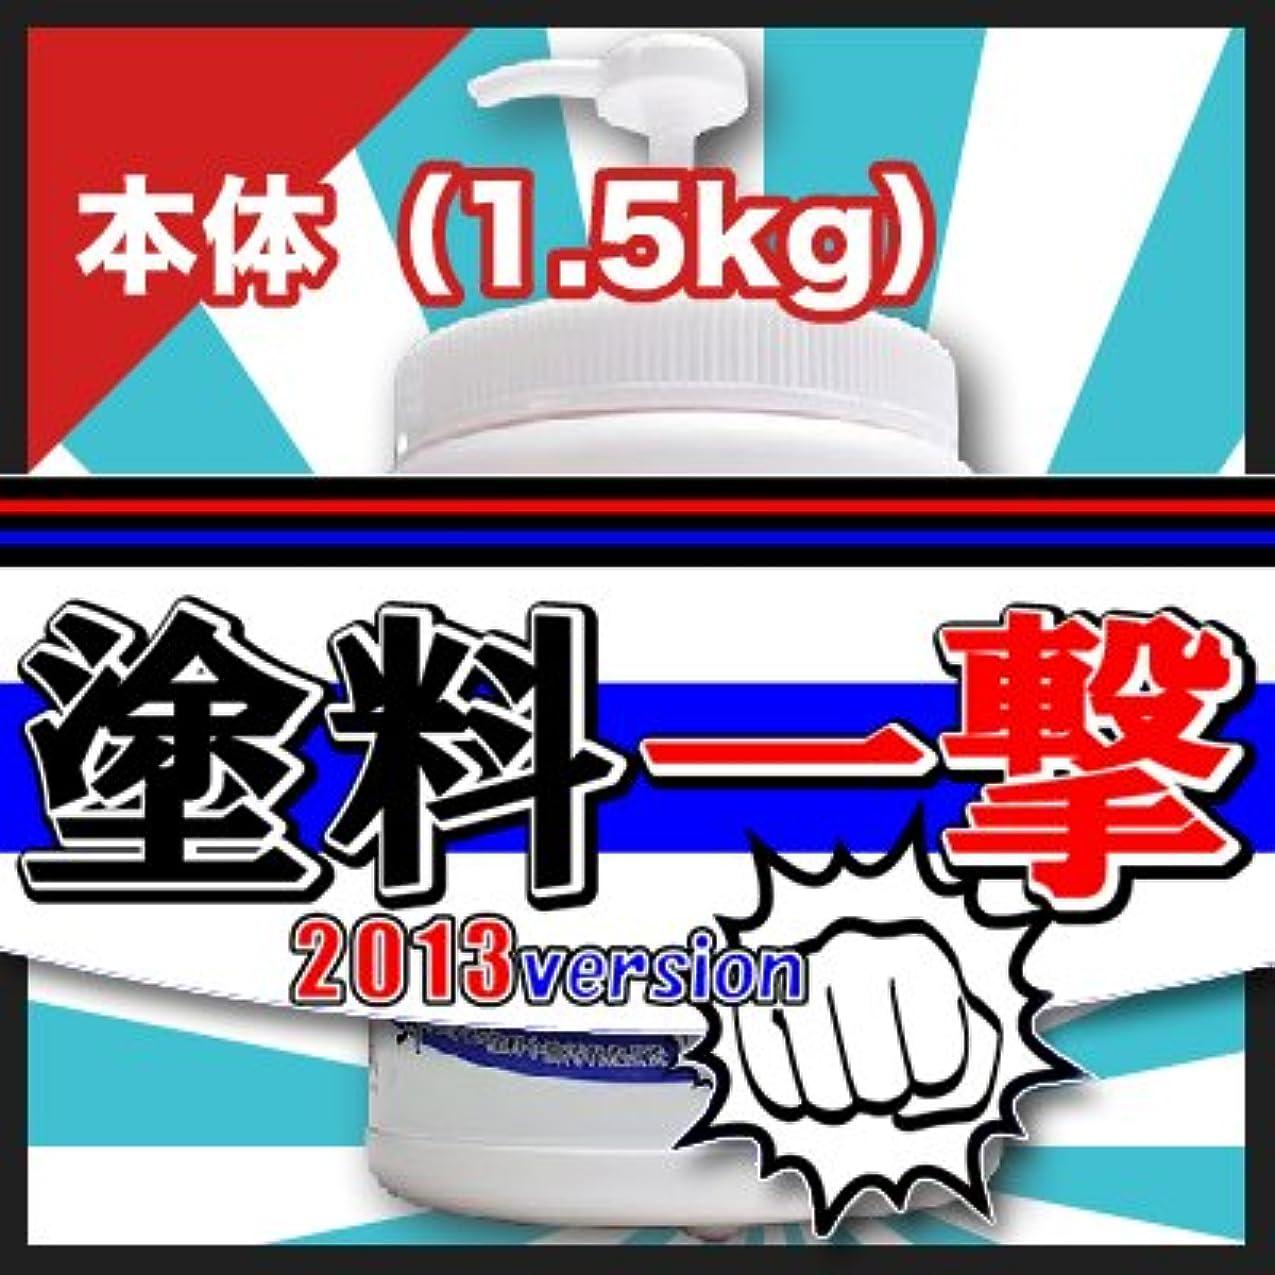 投資解釈マイナスD.Iプランニング 塗料一撃 2013 Version 本体 (1.5kg)